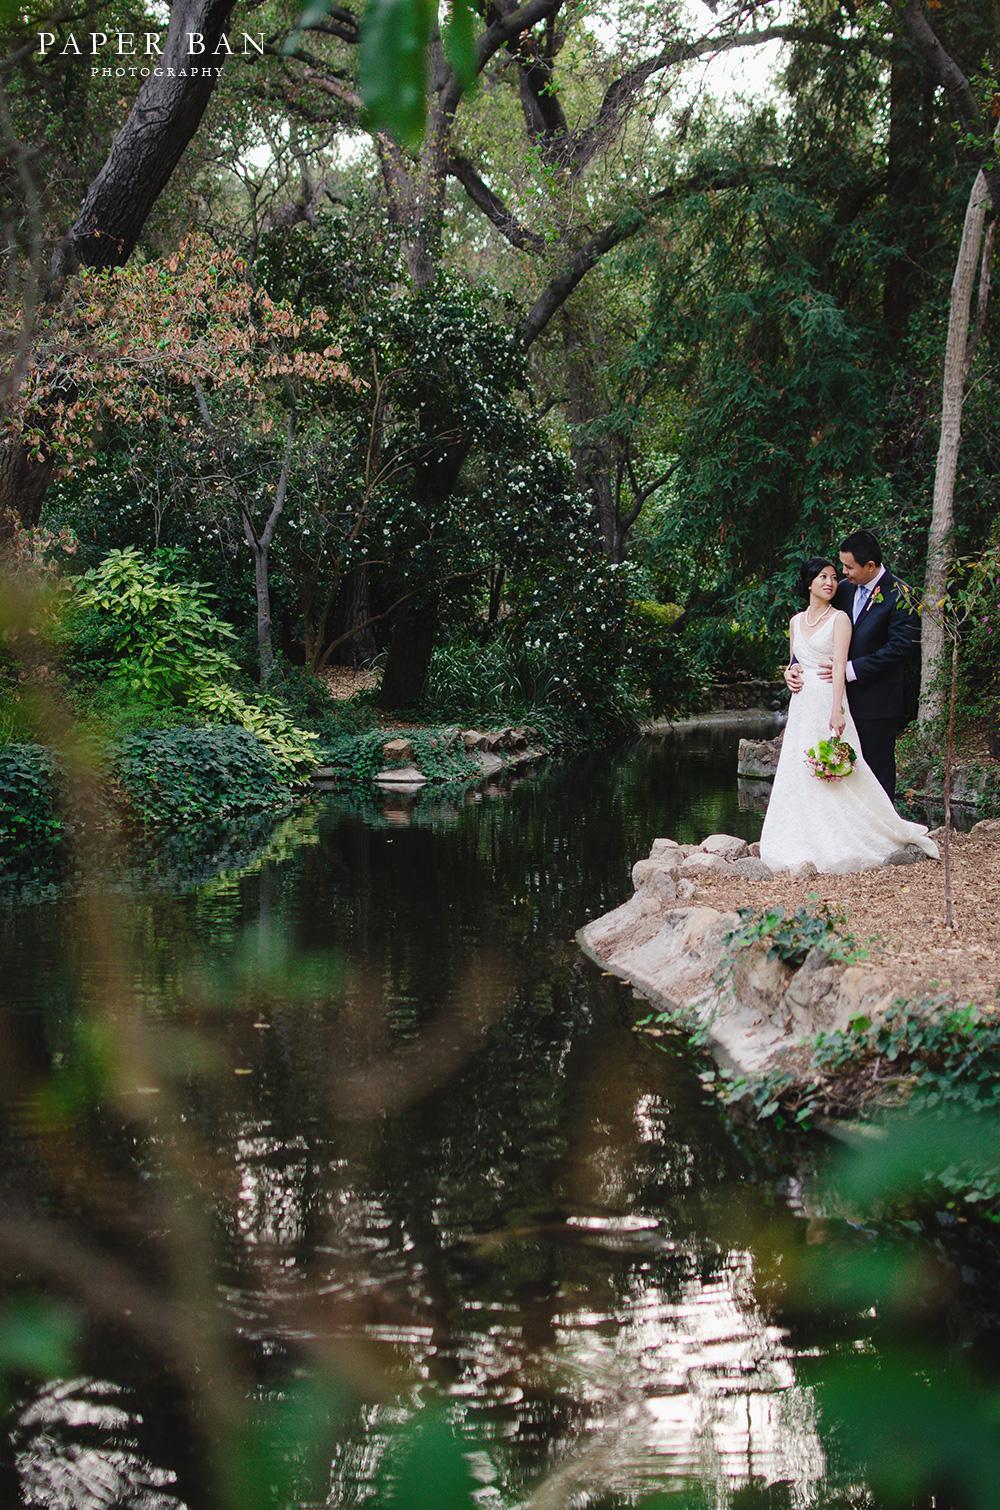 Los Angeles Bridal Portrait Photographer